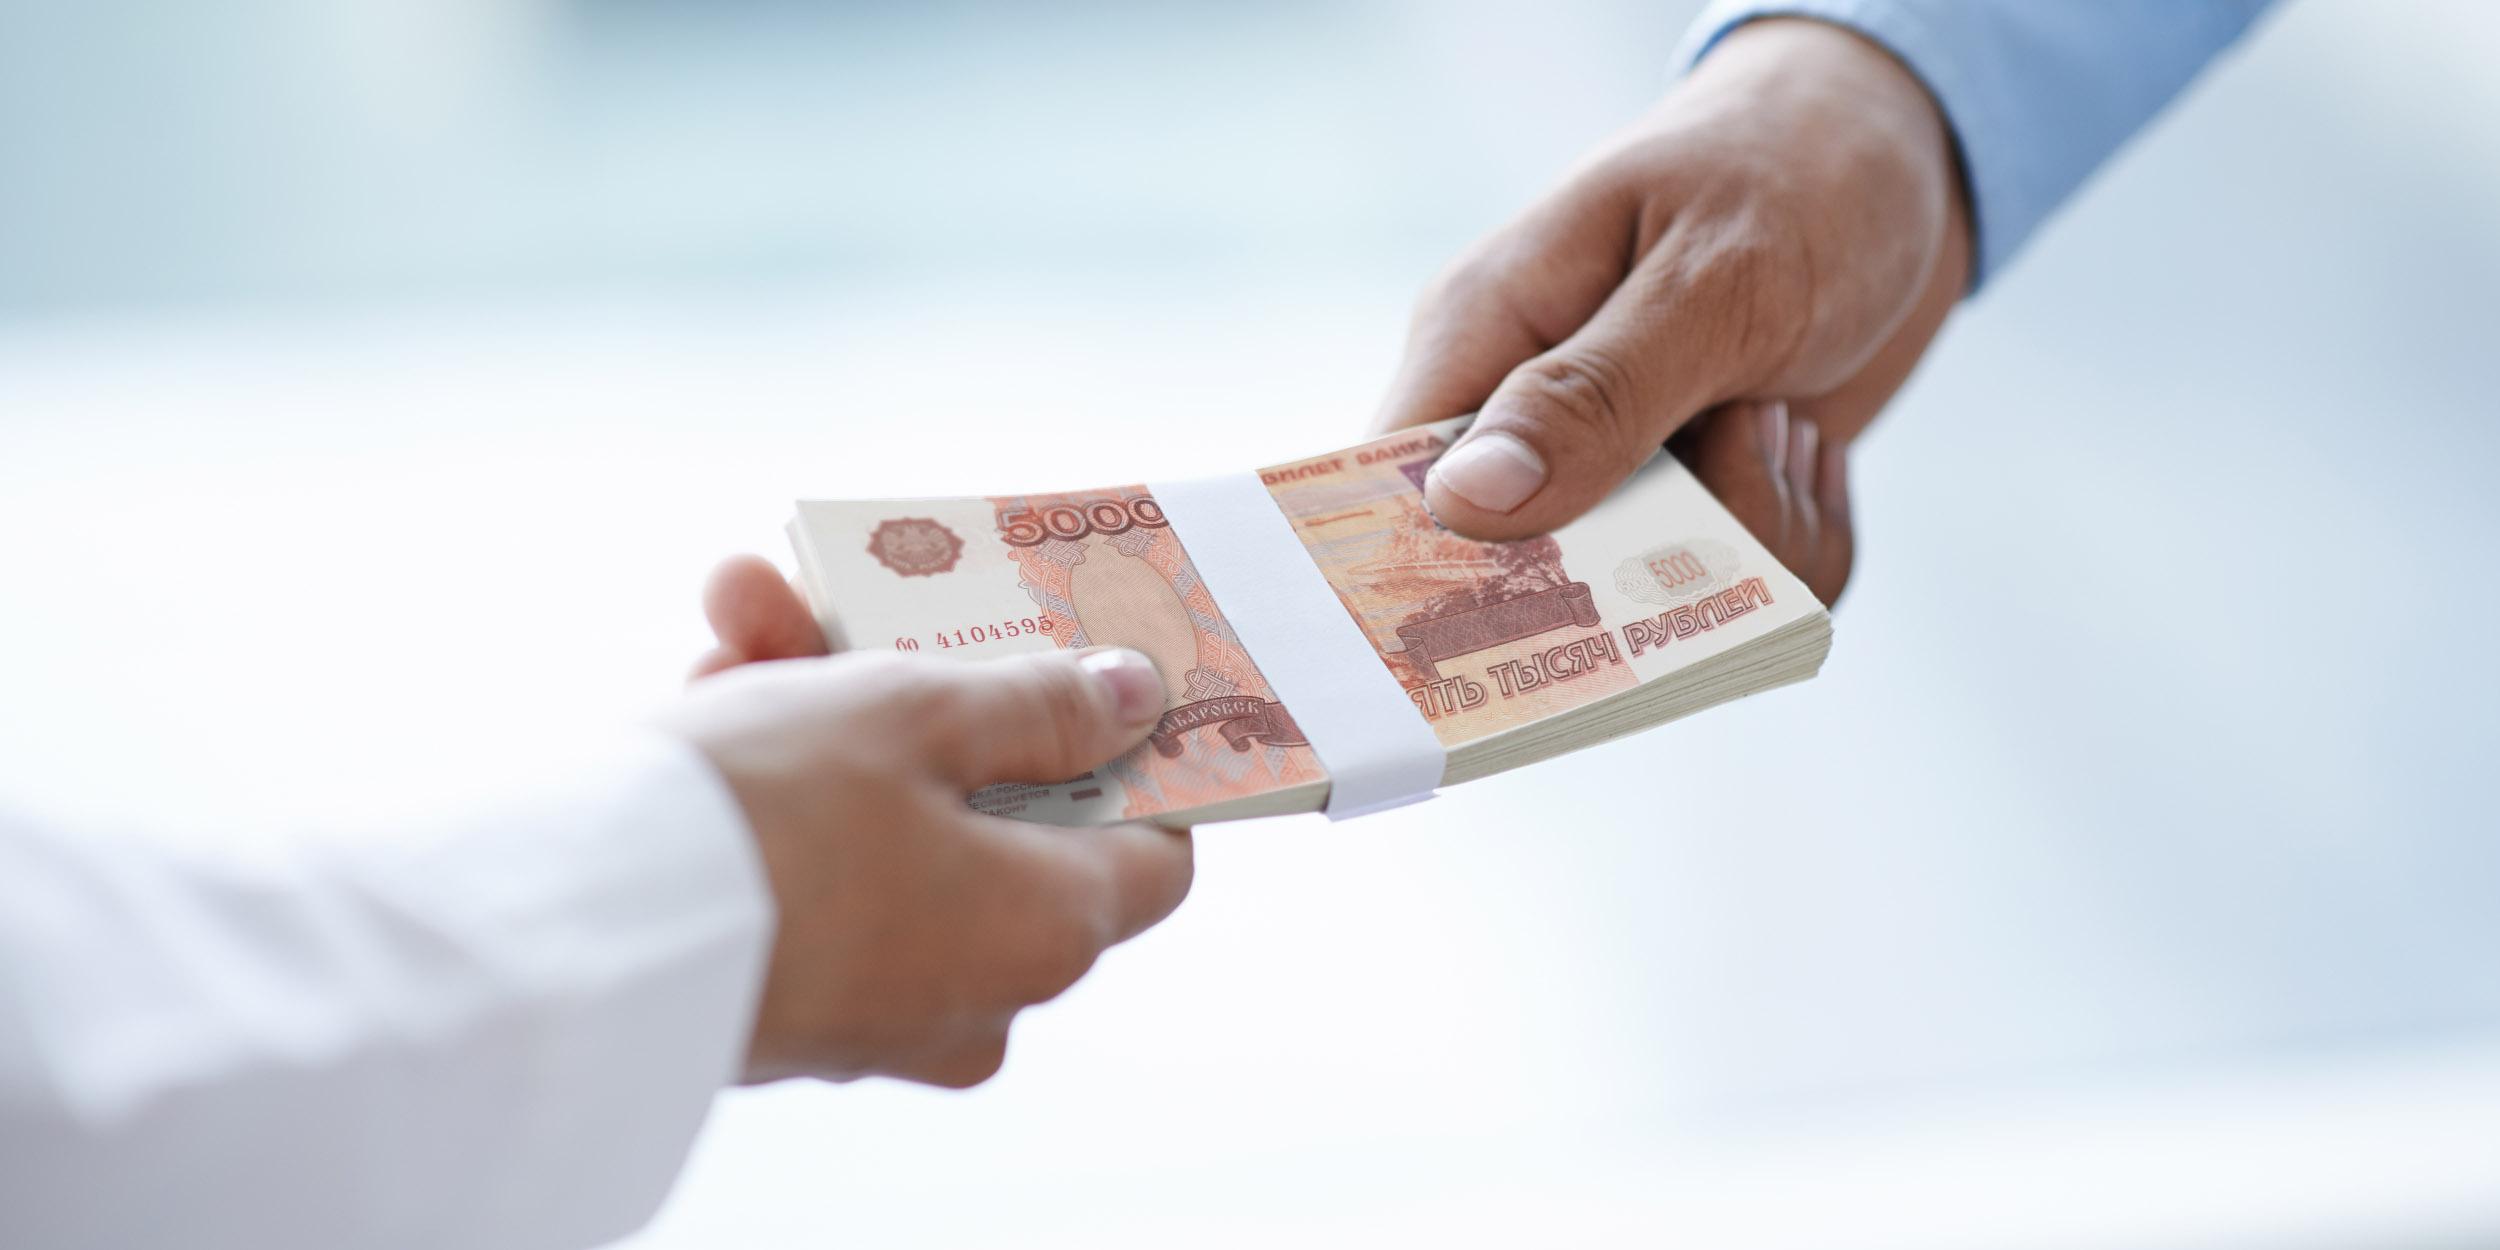 Ао кредит европа банк официальный реквизиты